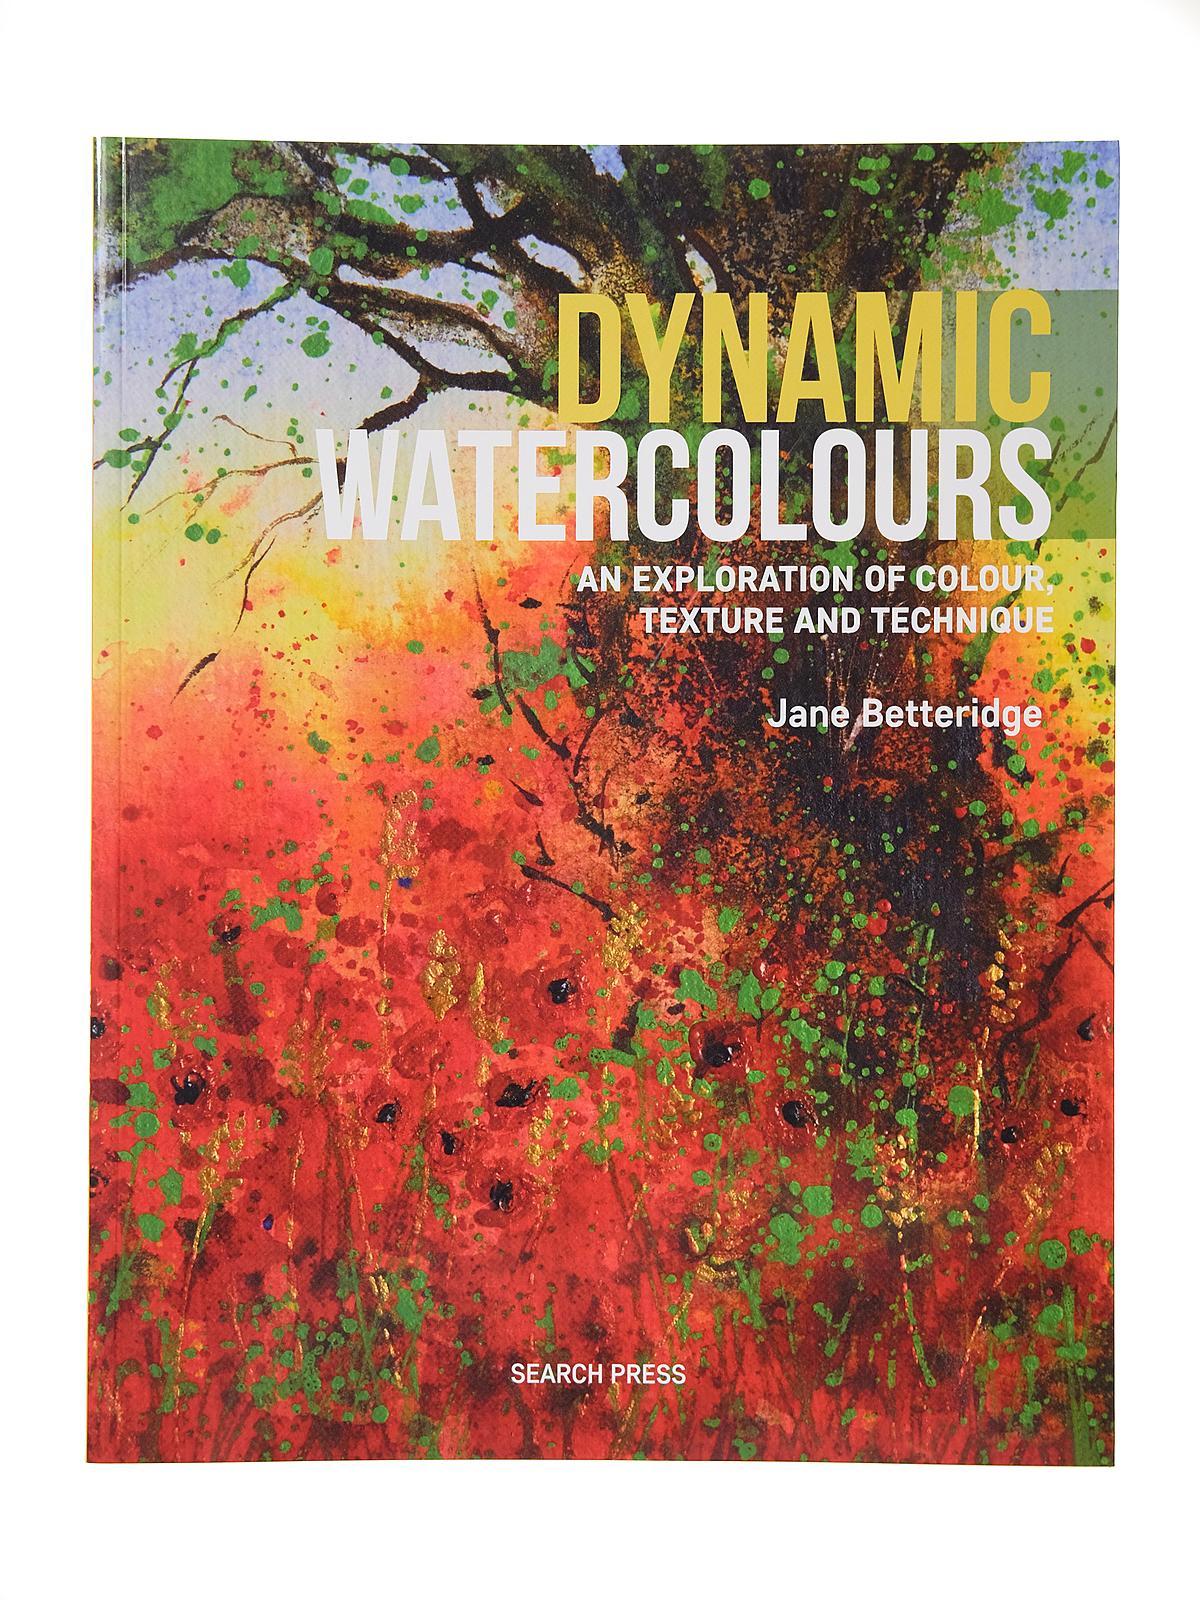 Search Press - Dynamic Watercolours